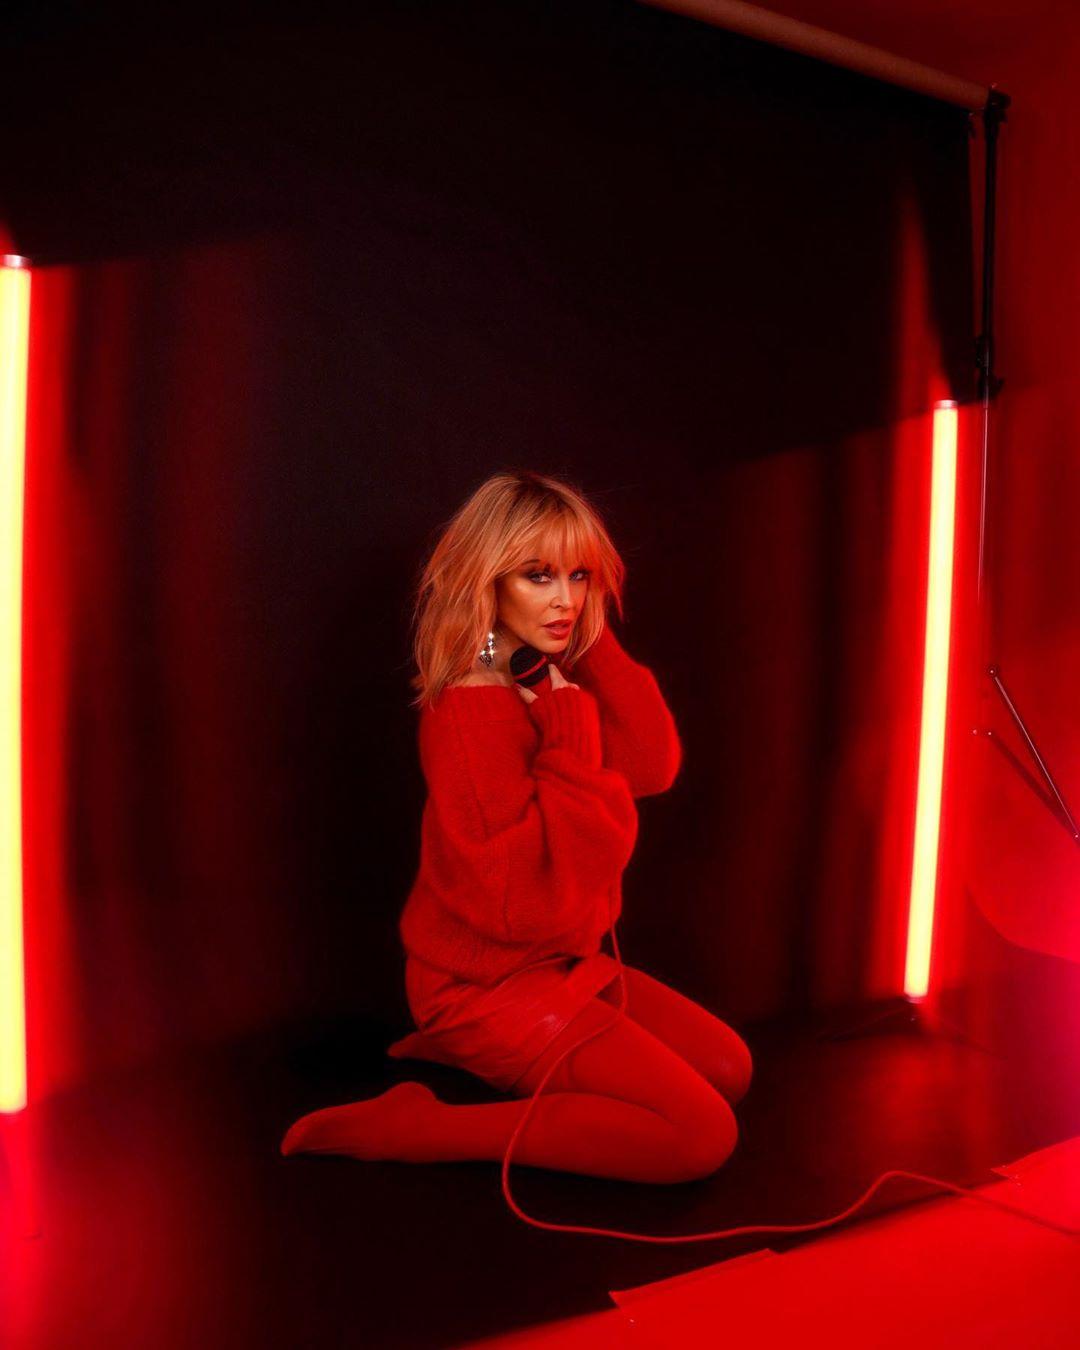 7 lanzamientos recientes que debes escuchar: Kylie Minogue + Jaden Smith + The Weeknd y más